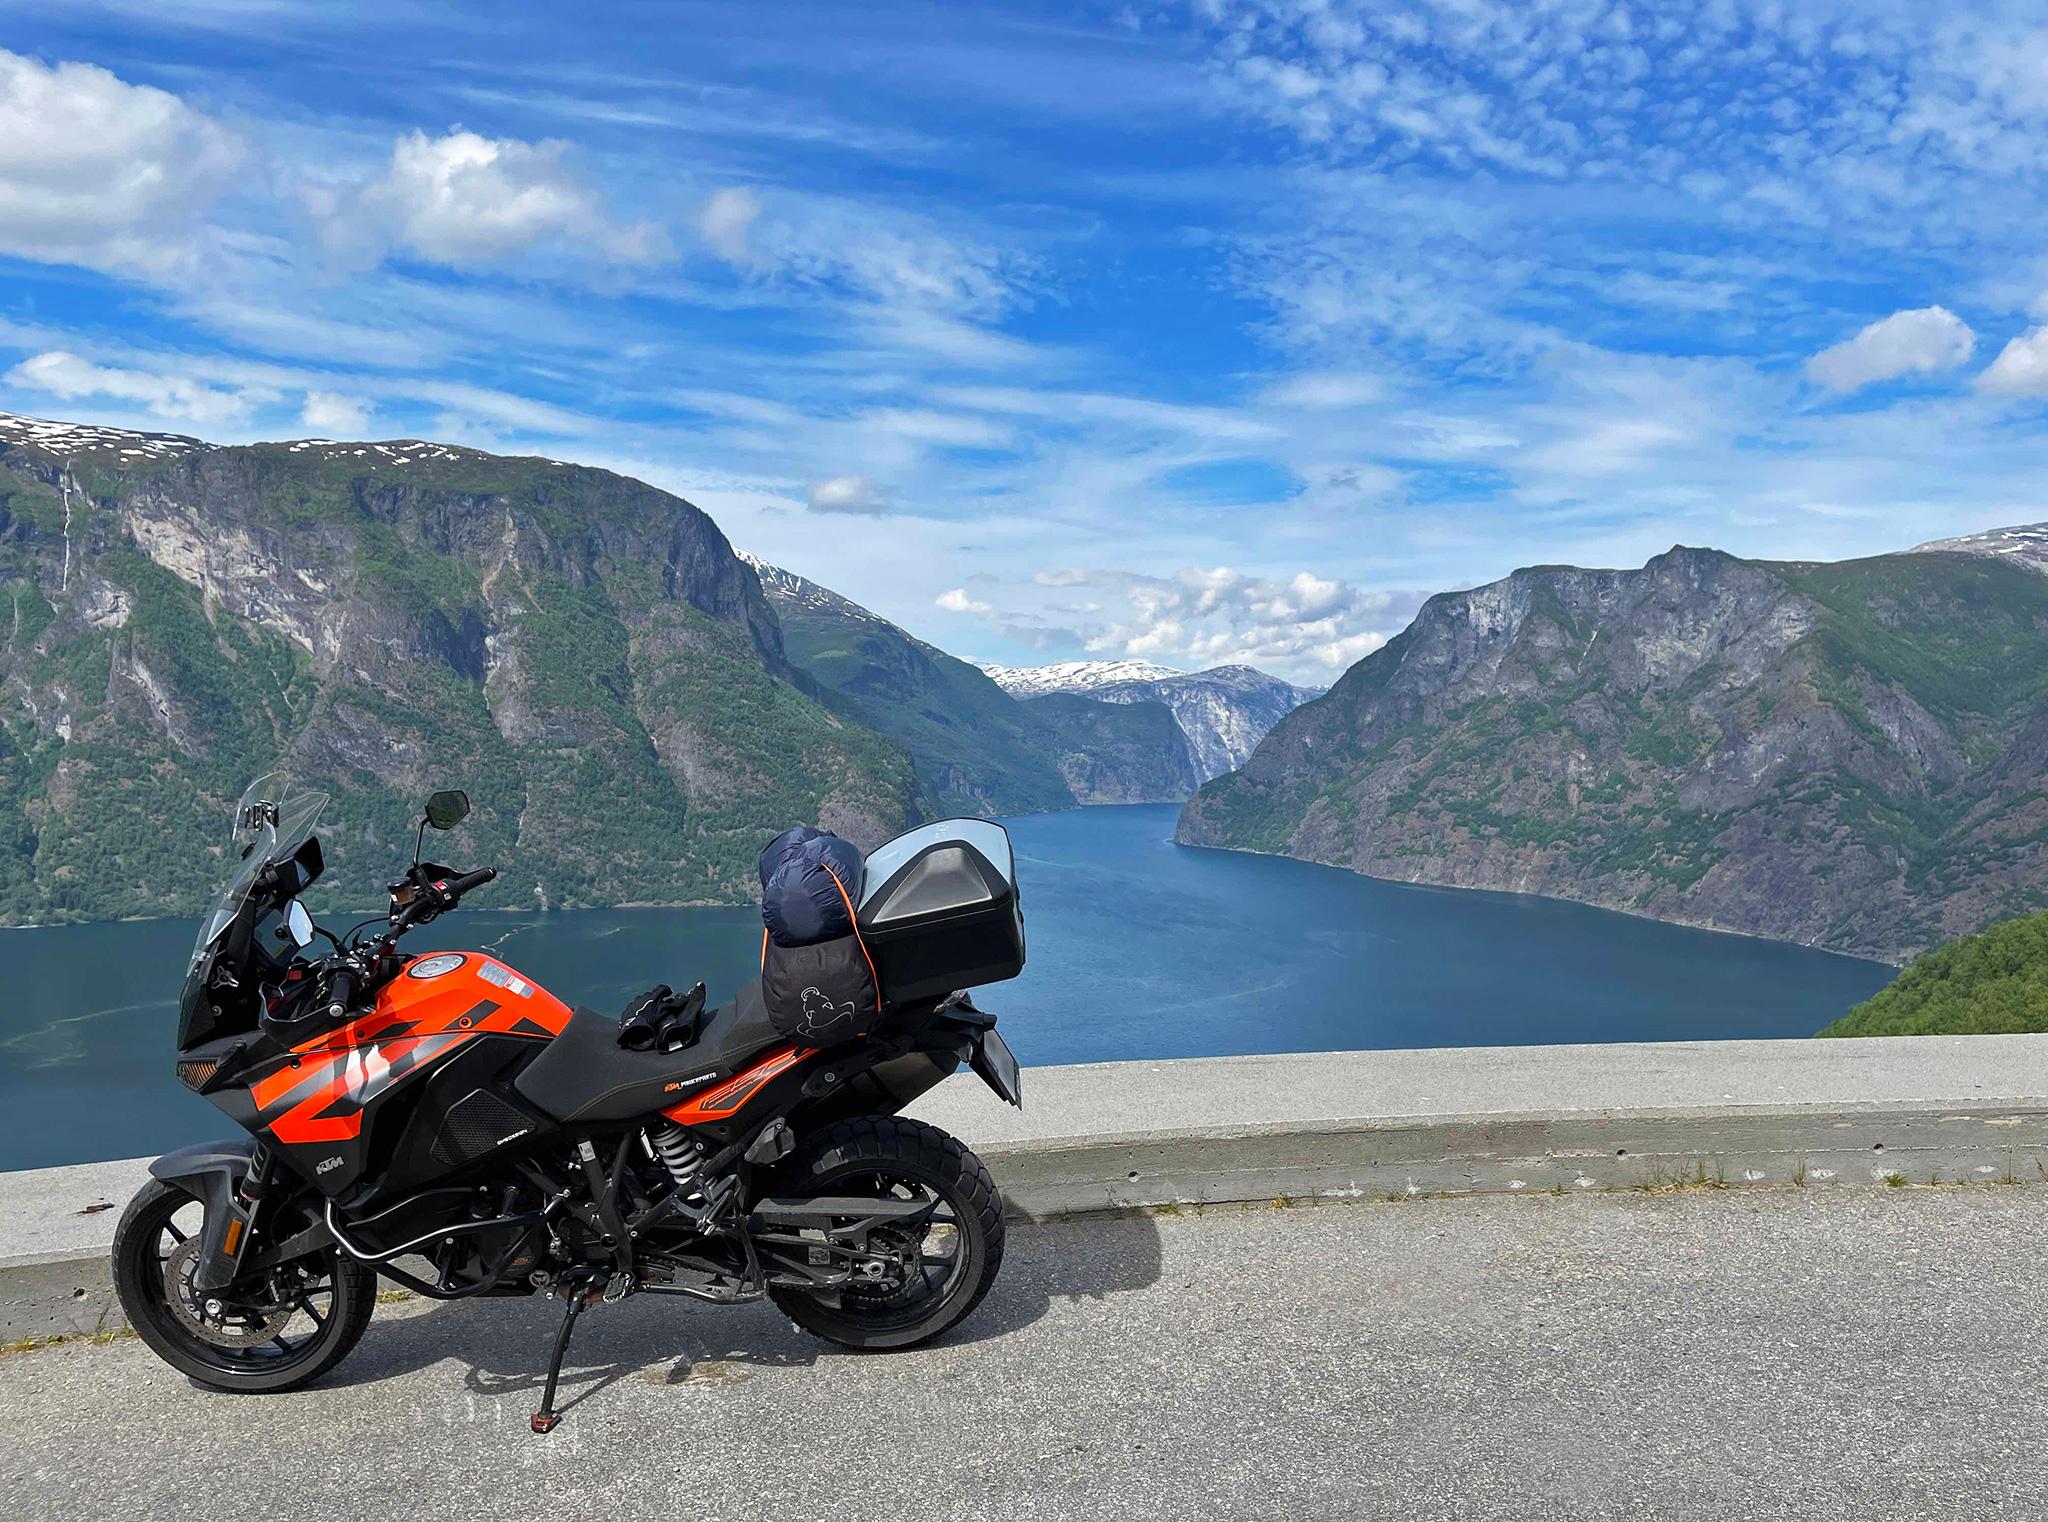 1000 kilometers: Aurlandsfjorden June 8th 2021